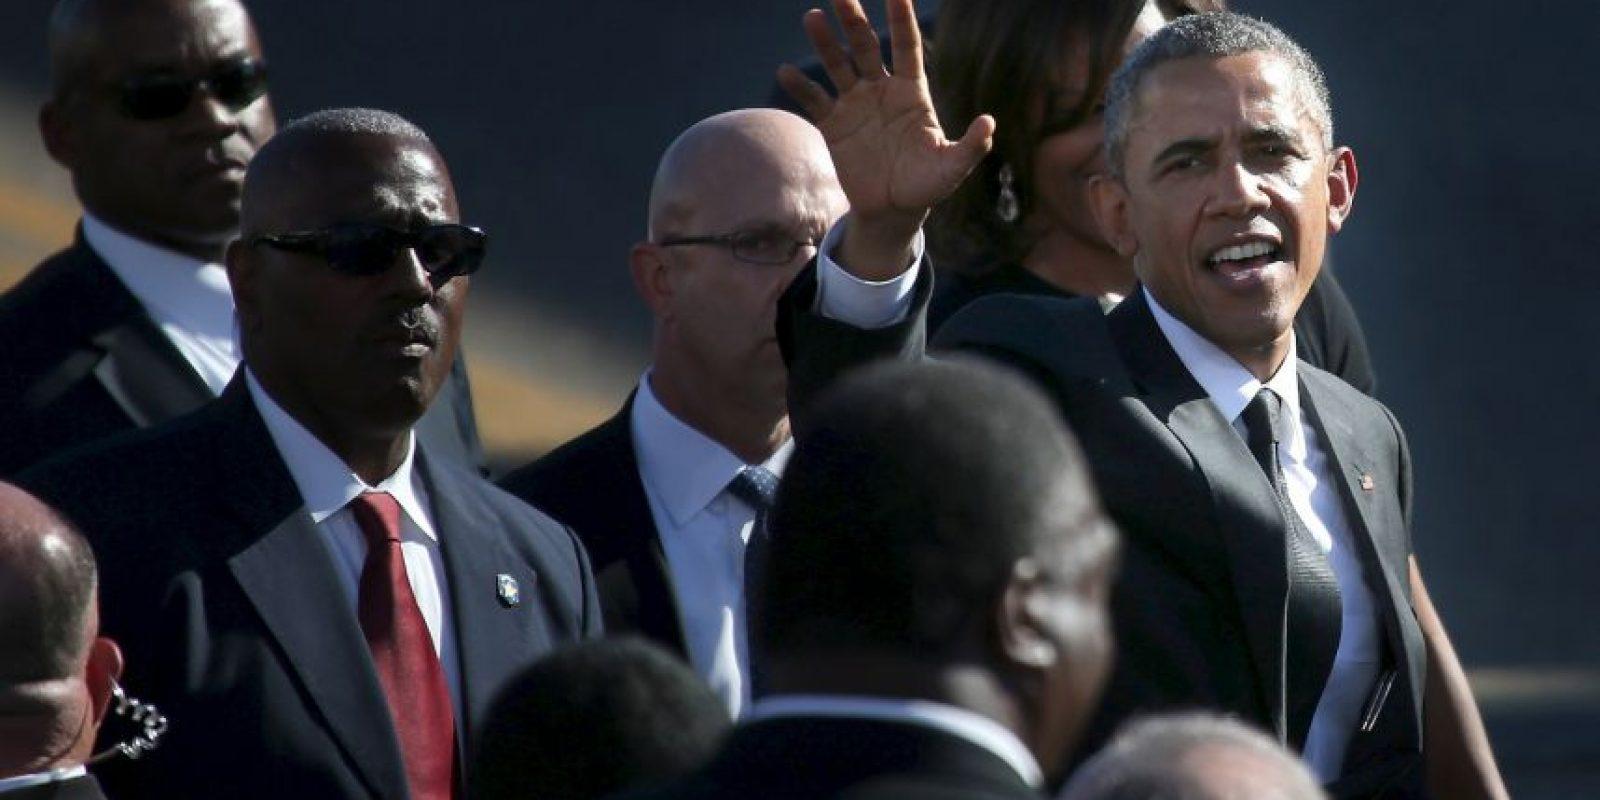 """El presidente de Estados Unidos confesó que llevó a sus hijas, Malia y Sasha, a Selma para """"recordarles sus obligaciones"""". Foto:Getty Images"""